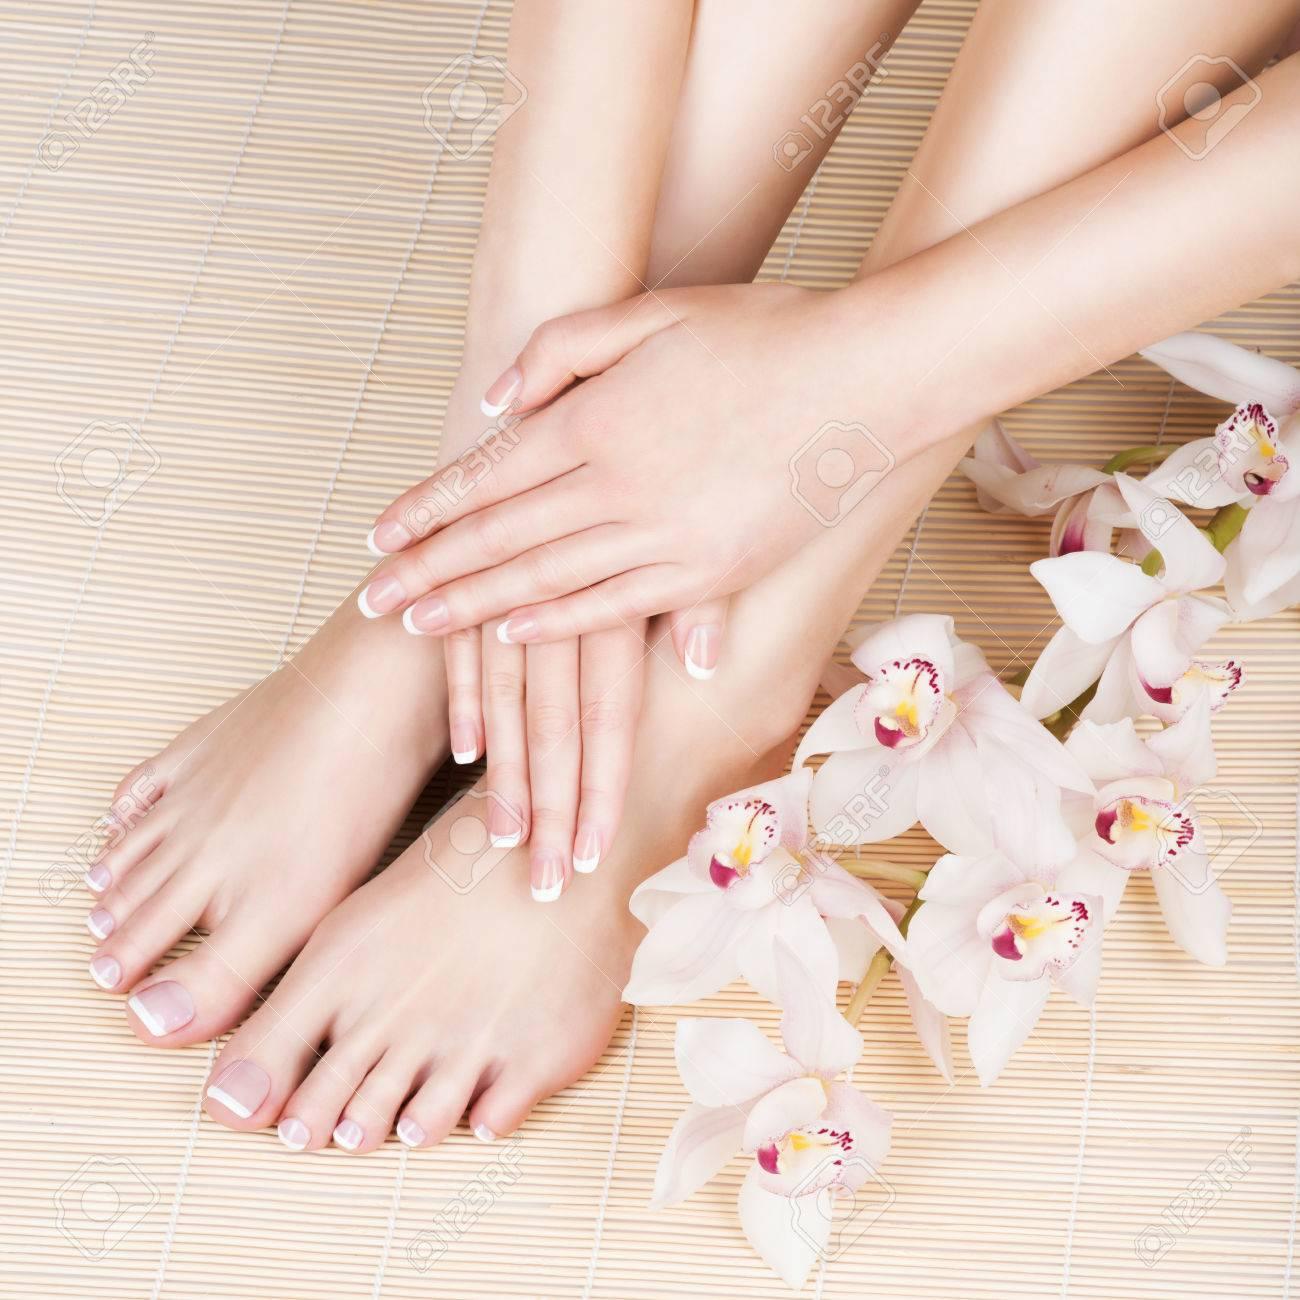 photo Gros plan d'un pied féminin au spa salon sur pédicure et procédure de manucure - Soft Image de mise au point Banque d'images - 54100875